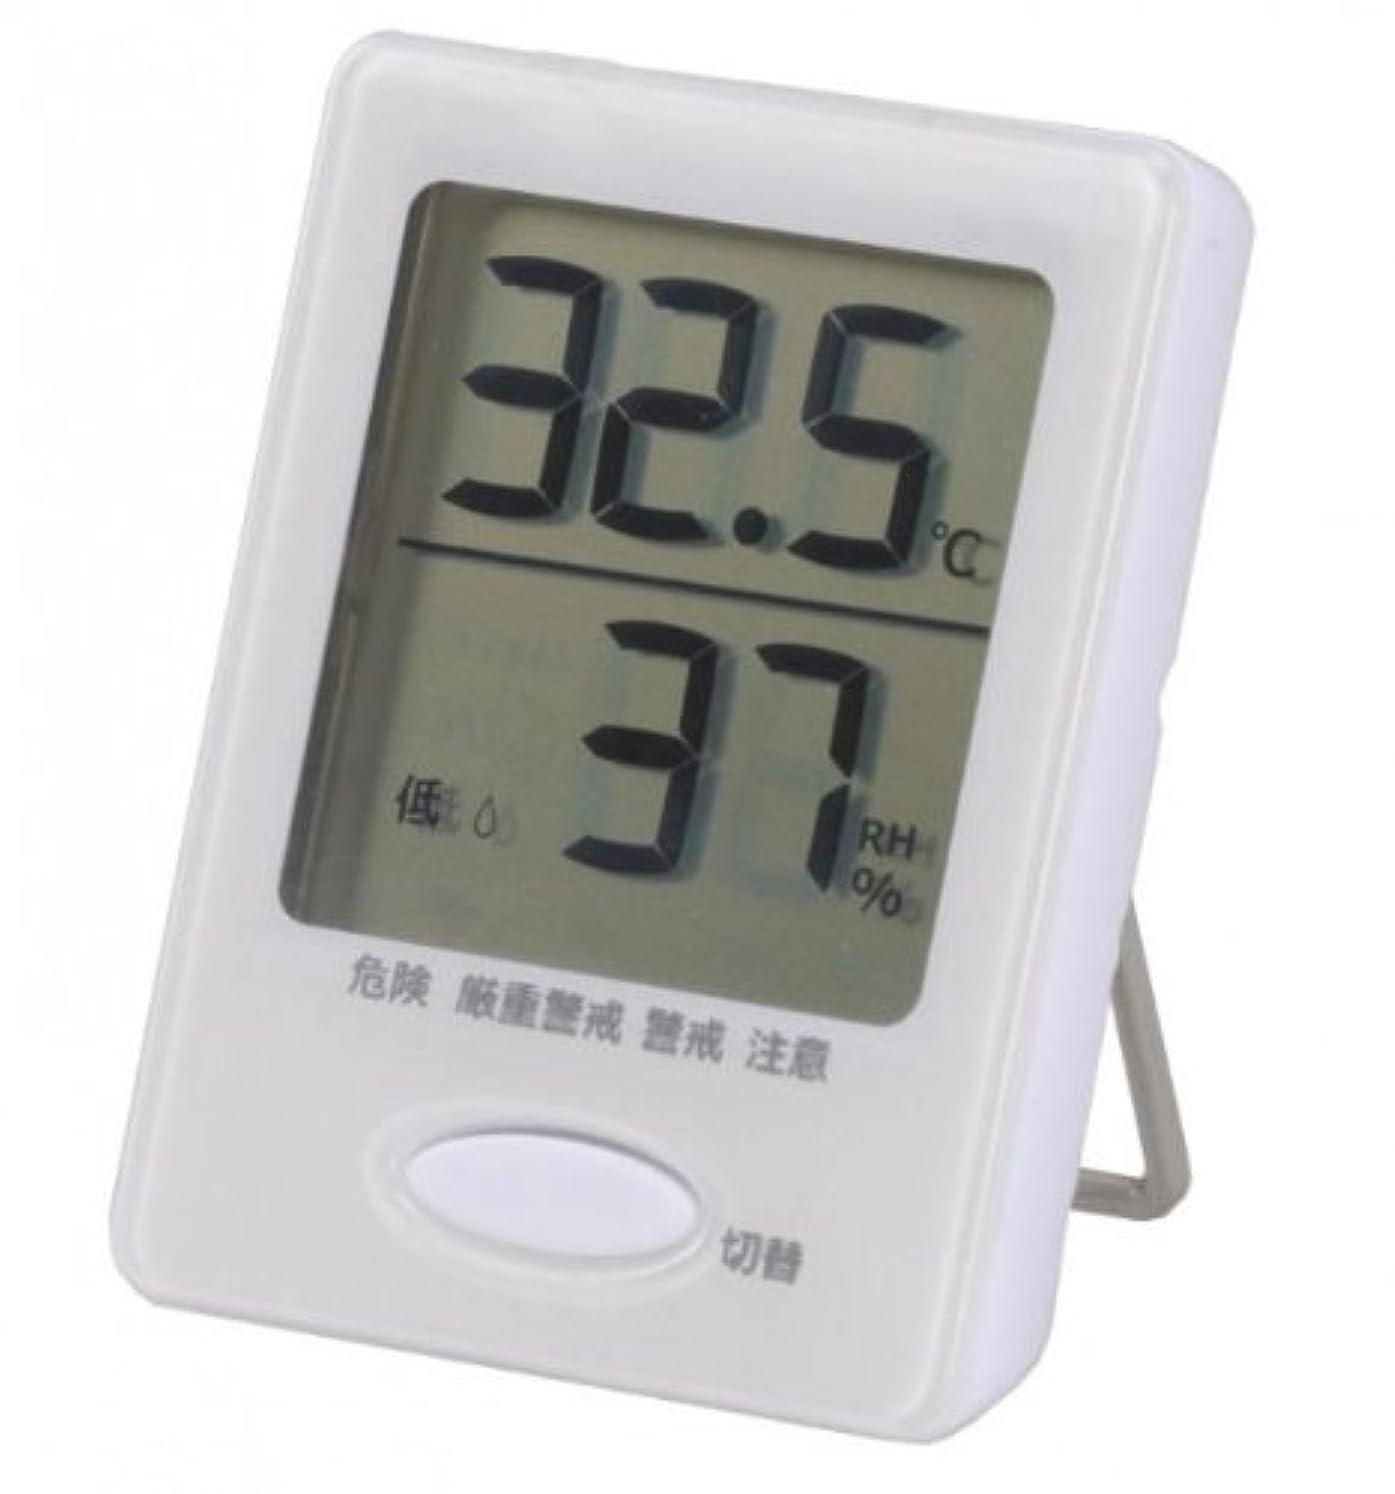 声を出して千誘惑するOHM デジタル温湿度計 白 HB-TO3-W